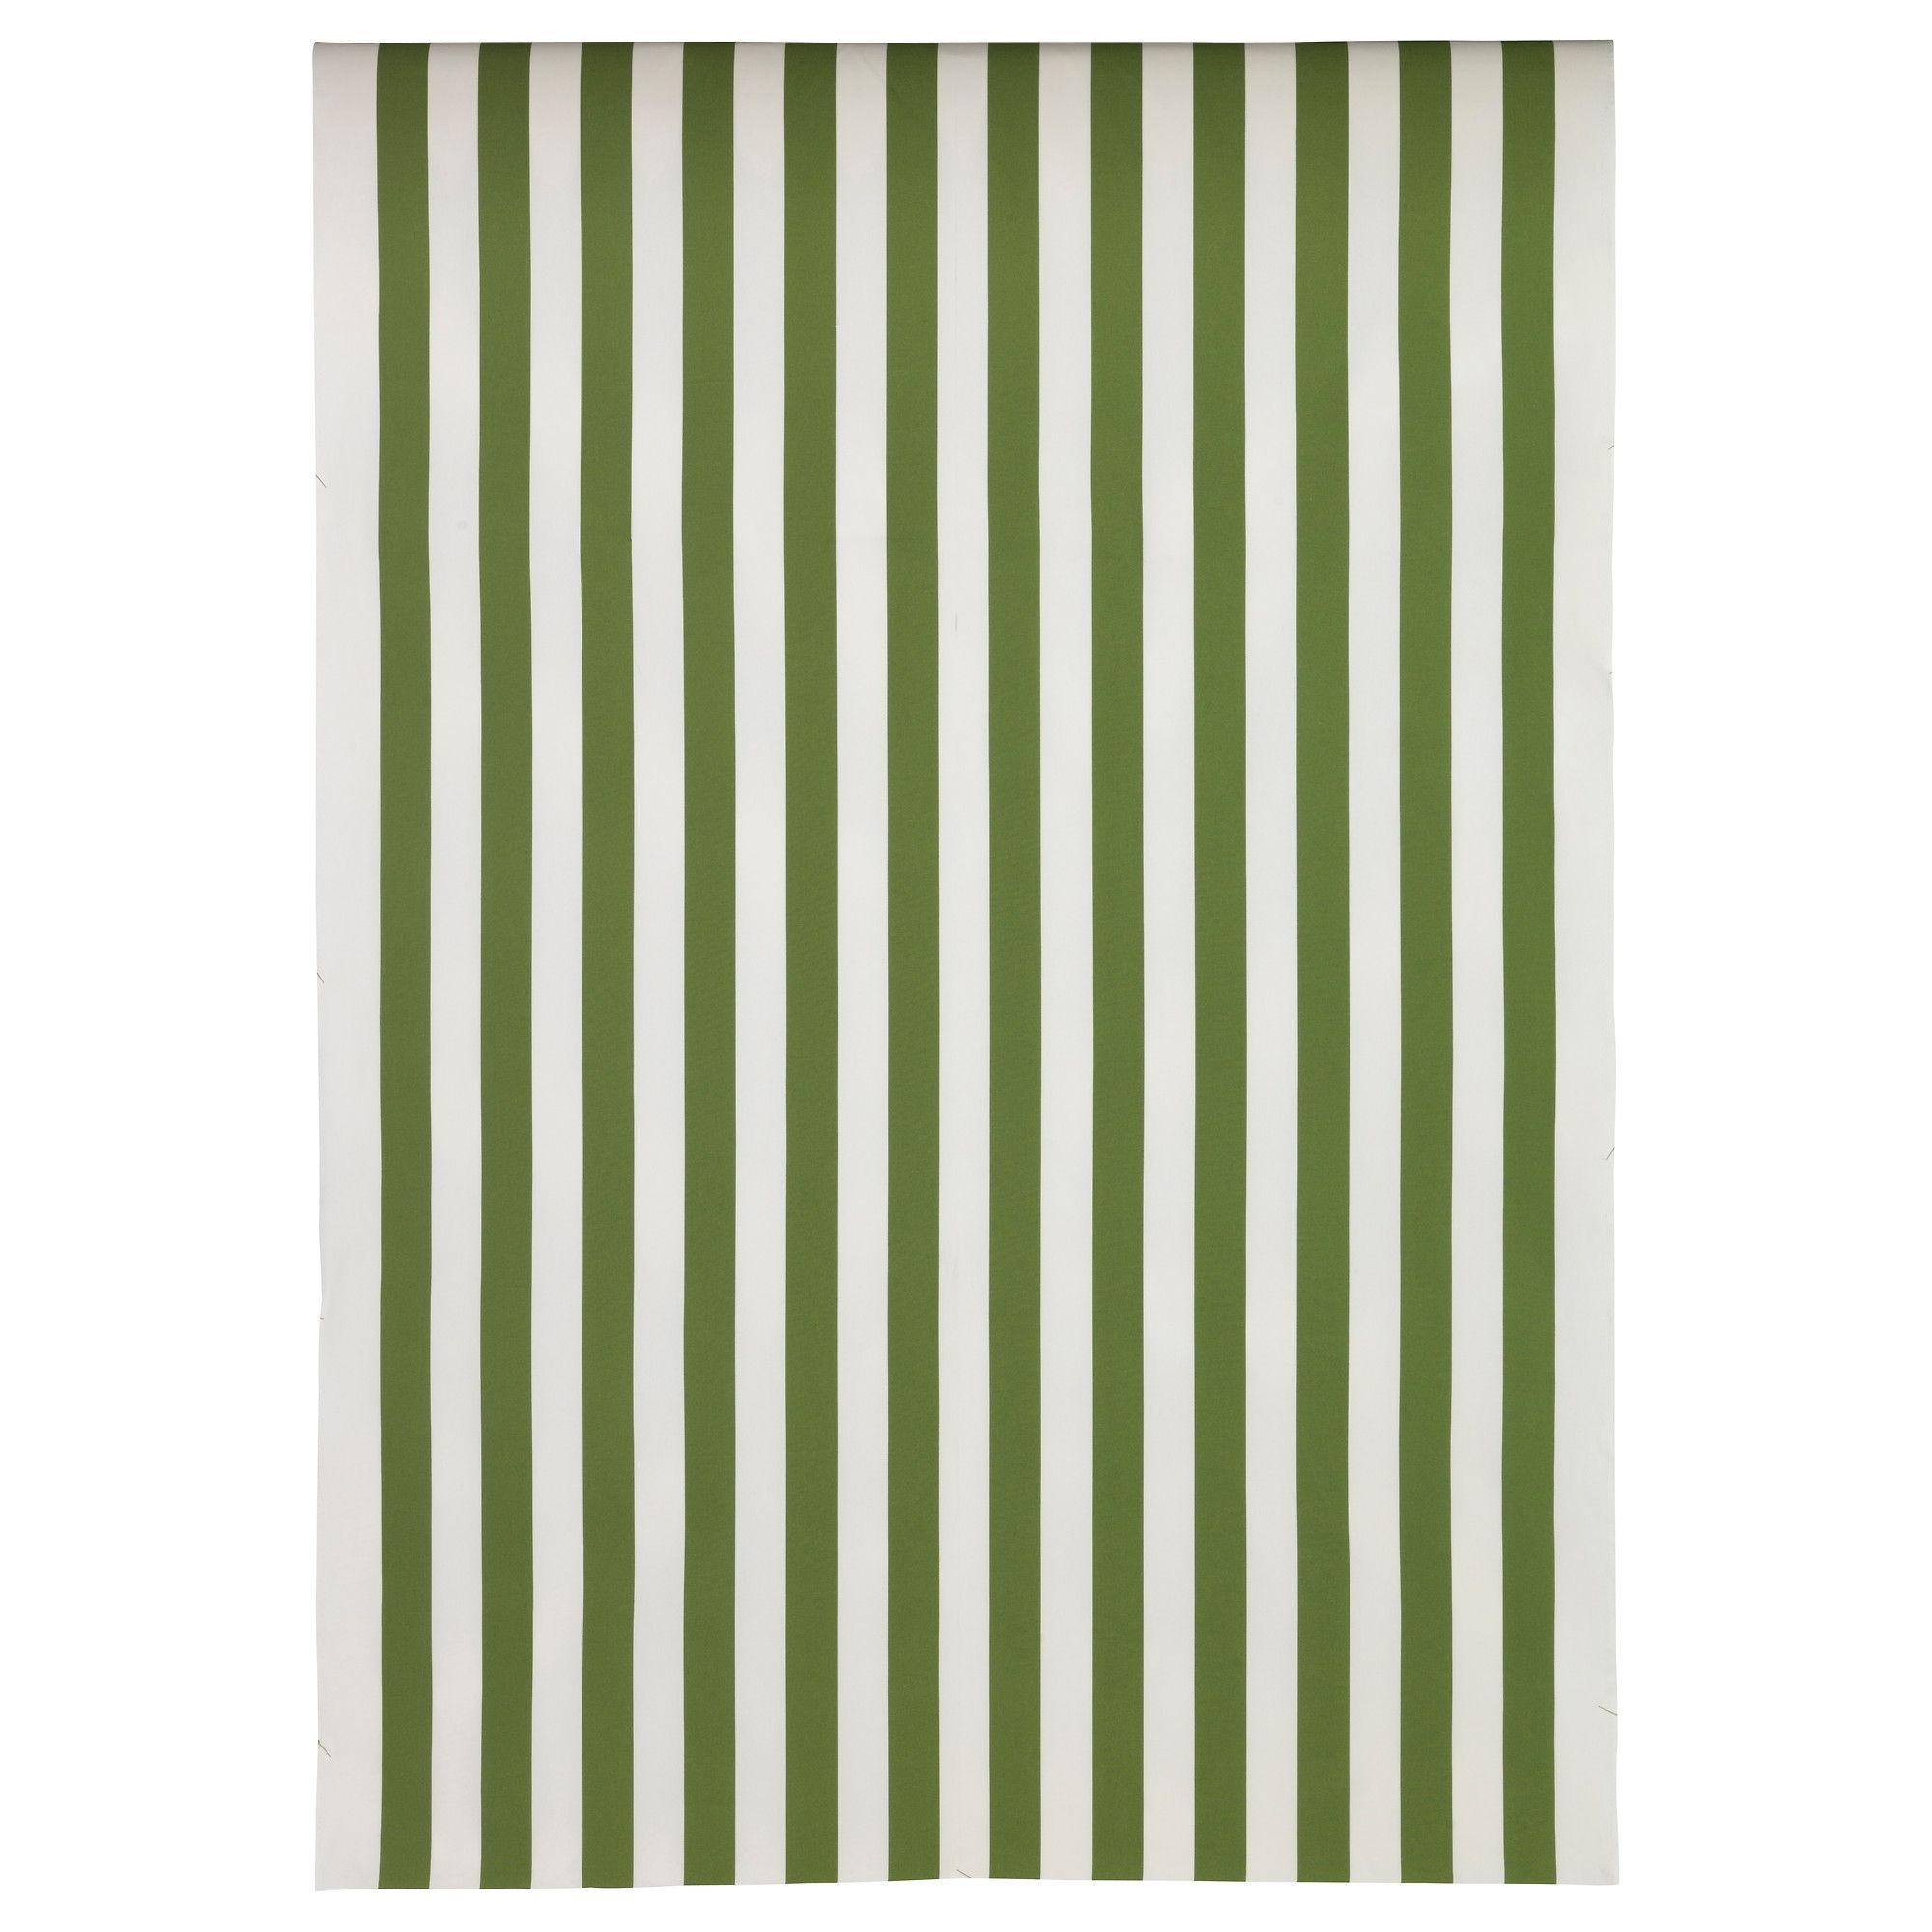 Sofia Tessuto A Metraggio A Righe Verde Bianco 150 Cm